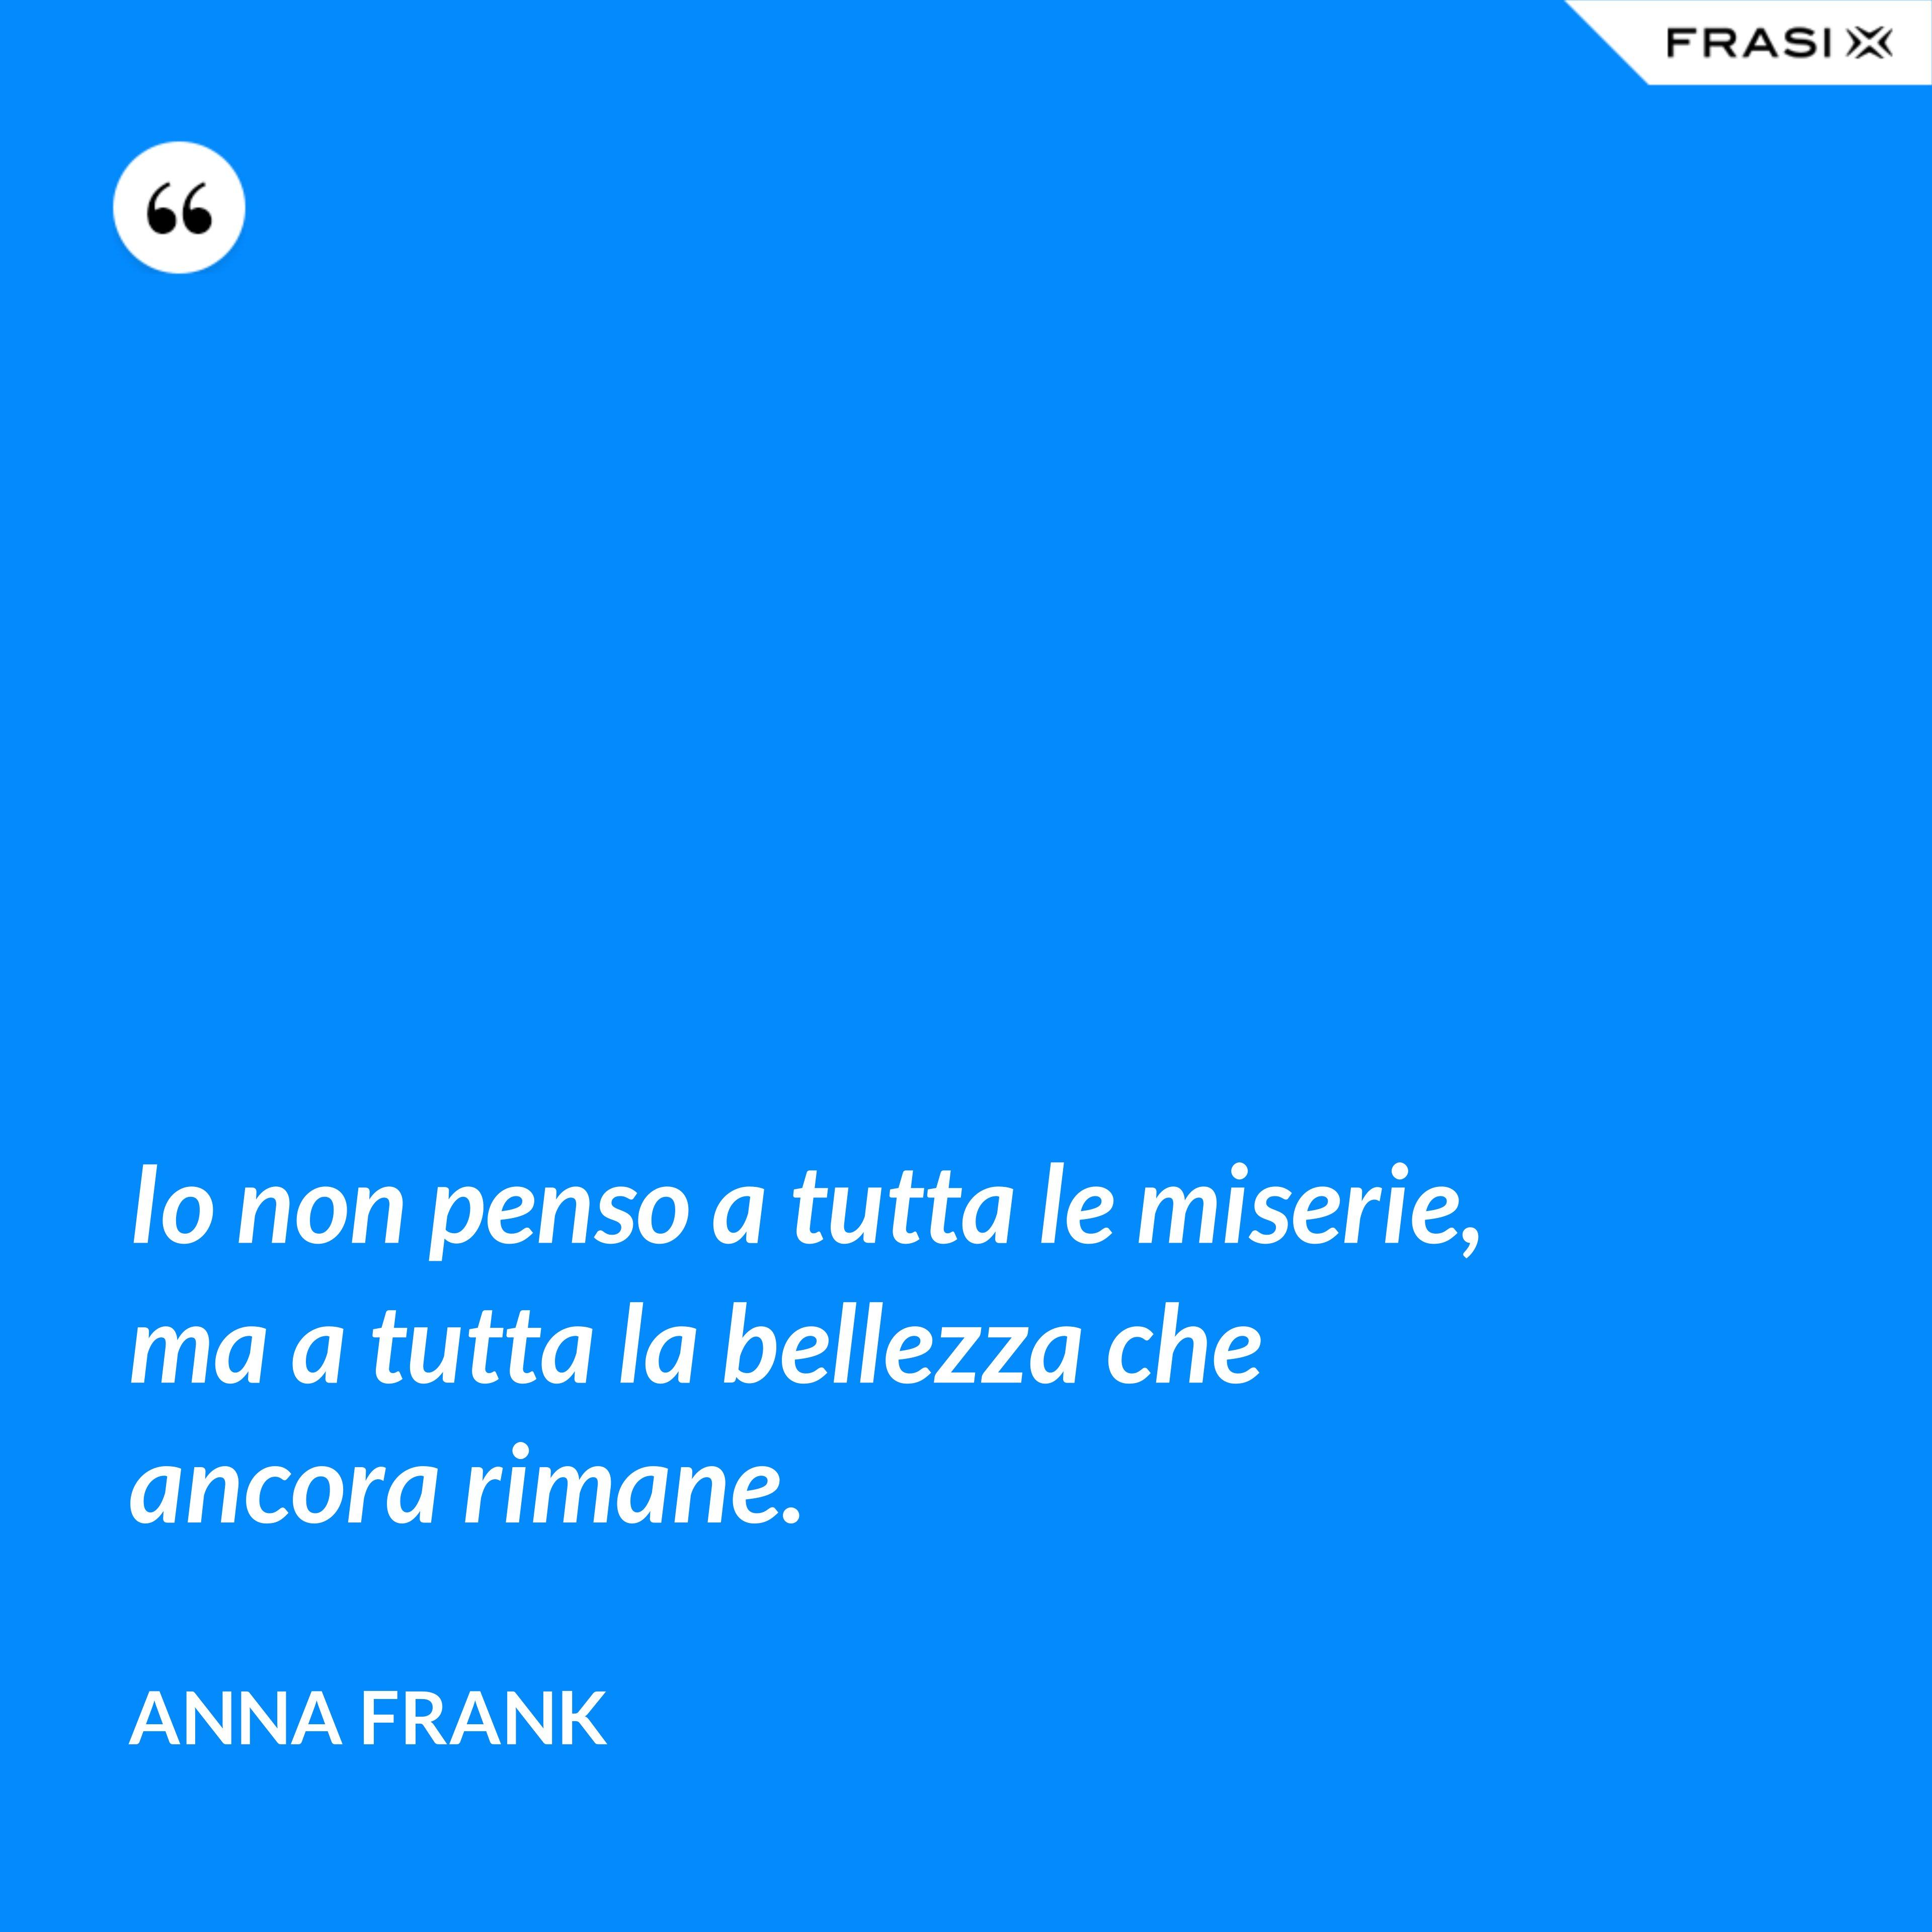 Io non penso a tutta le miserie, ma a tutta la bellezza che ancora rimane. - Anna Frank